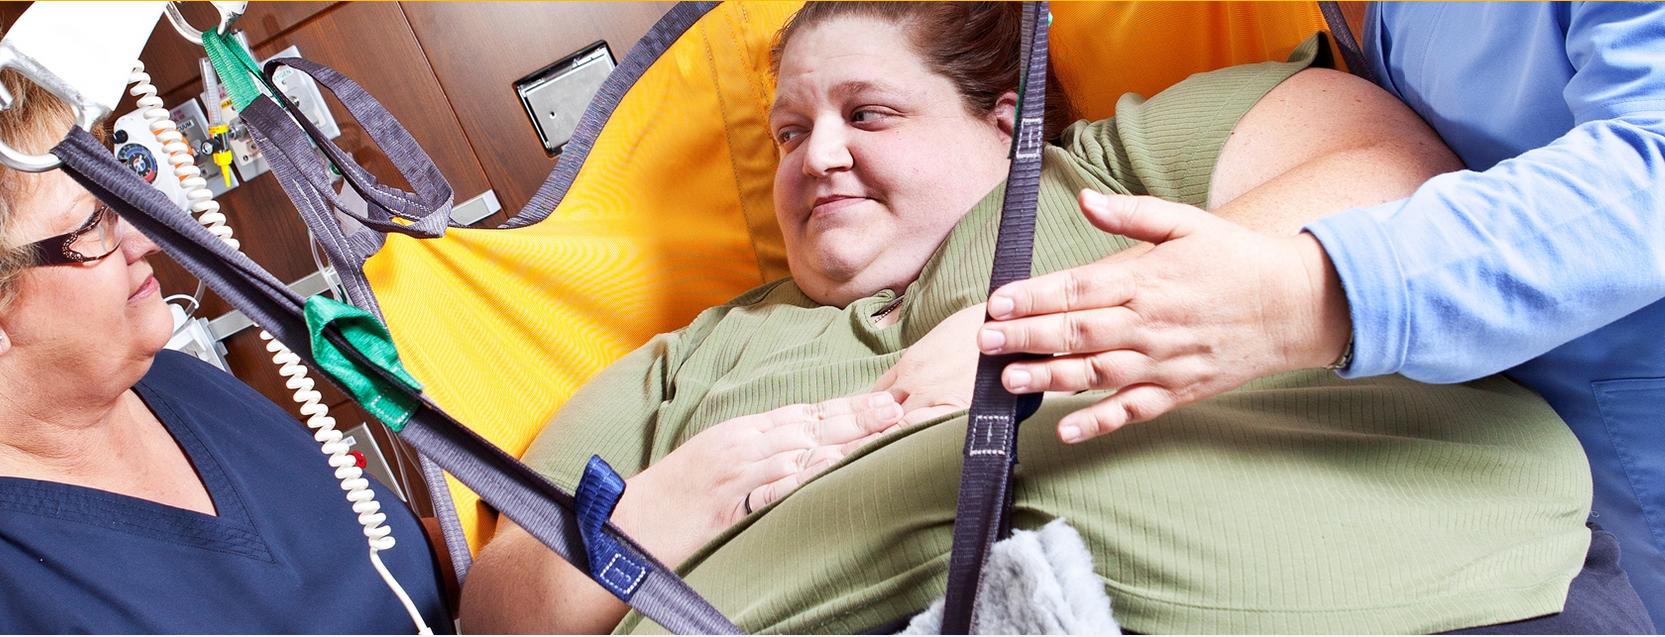 Túlsúlyos betegek mozgatása